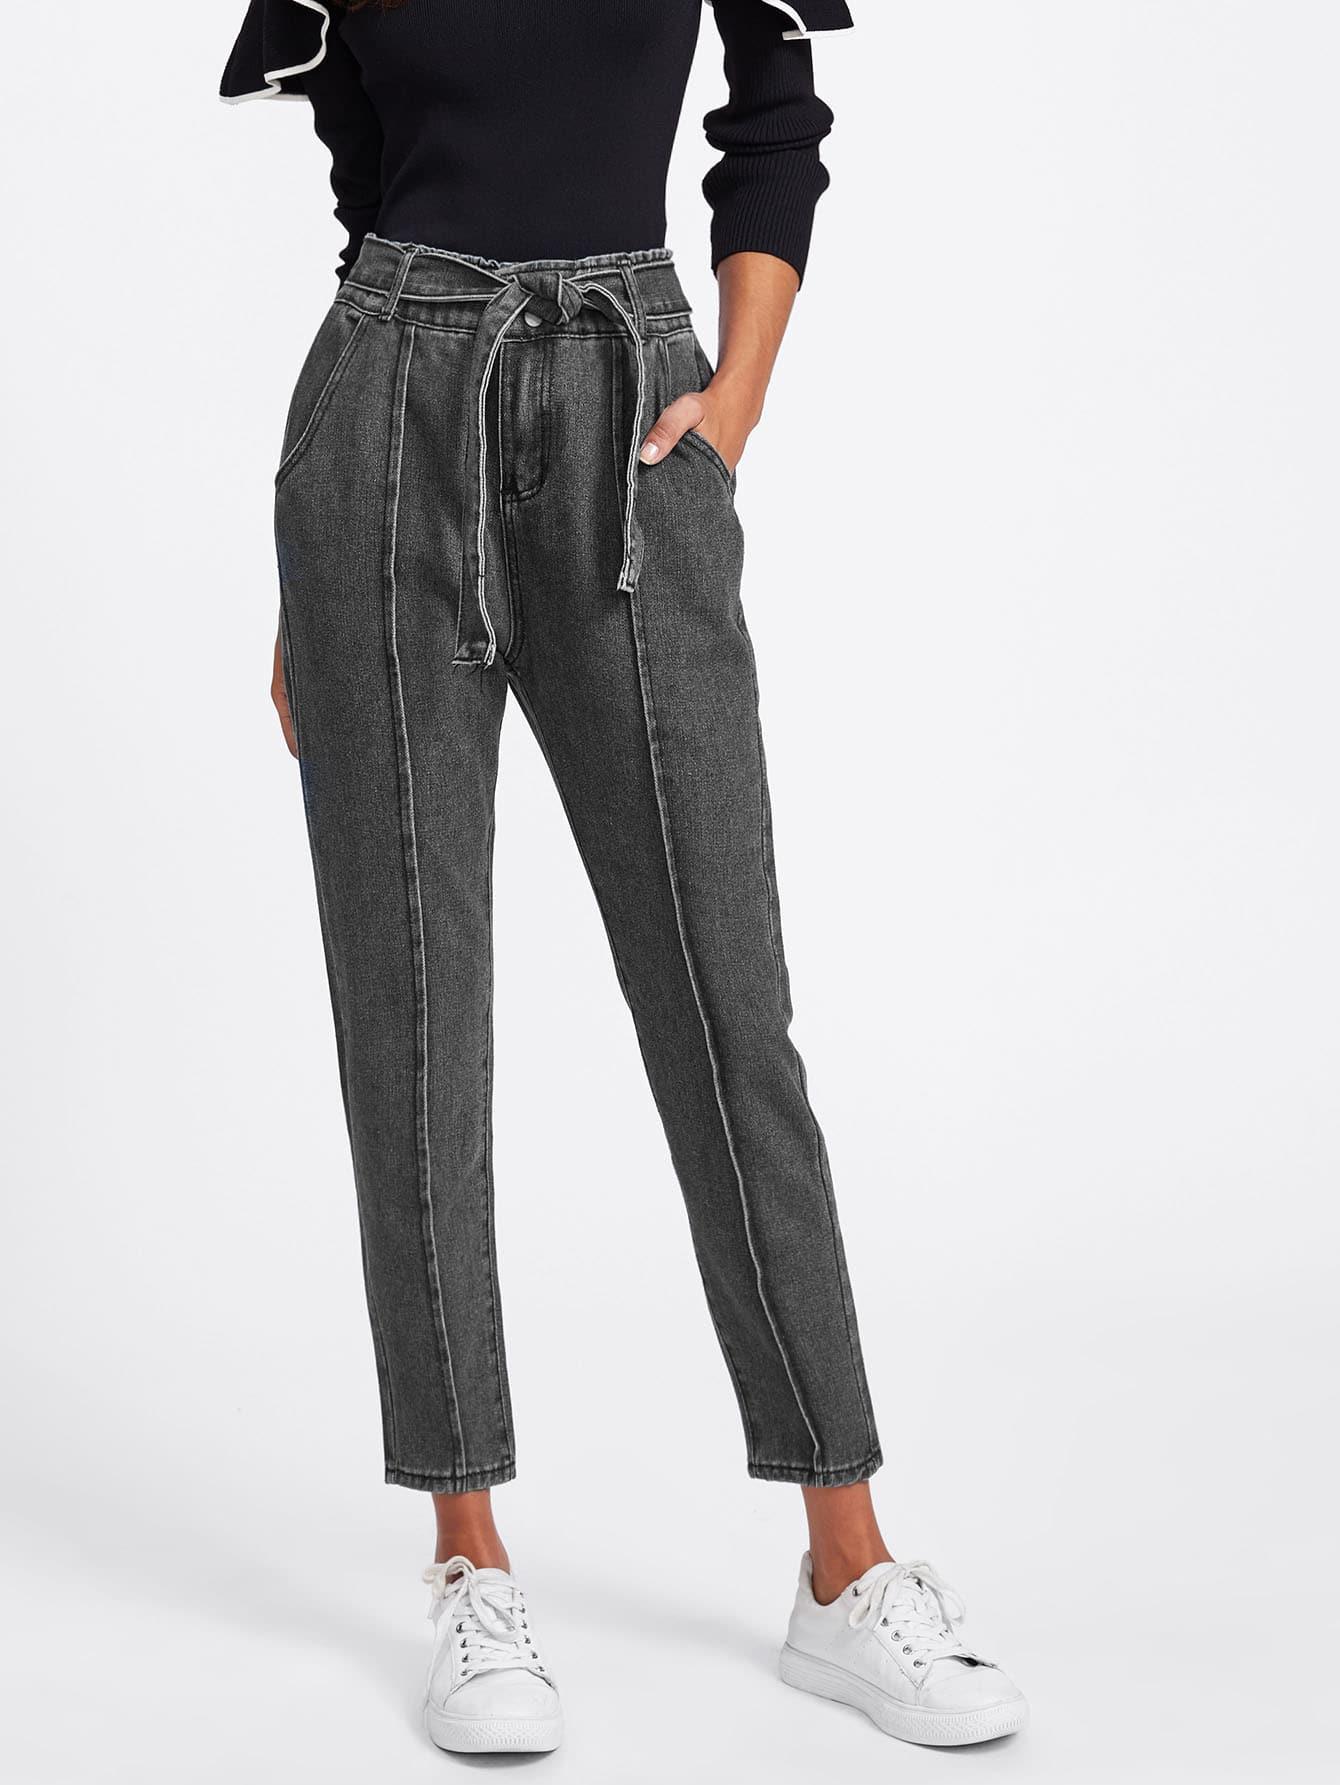 Seam Detail Self Tie Jeans tie waist seam front jeans